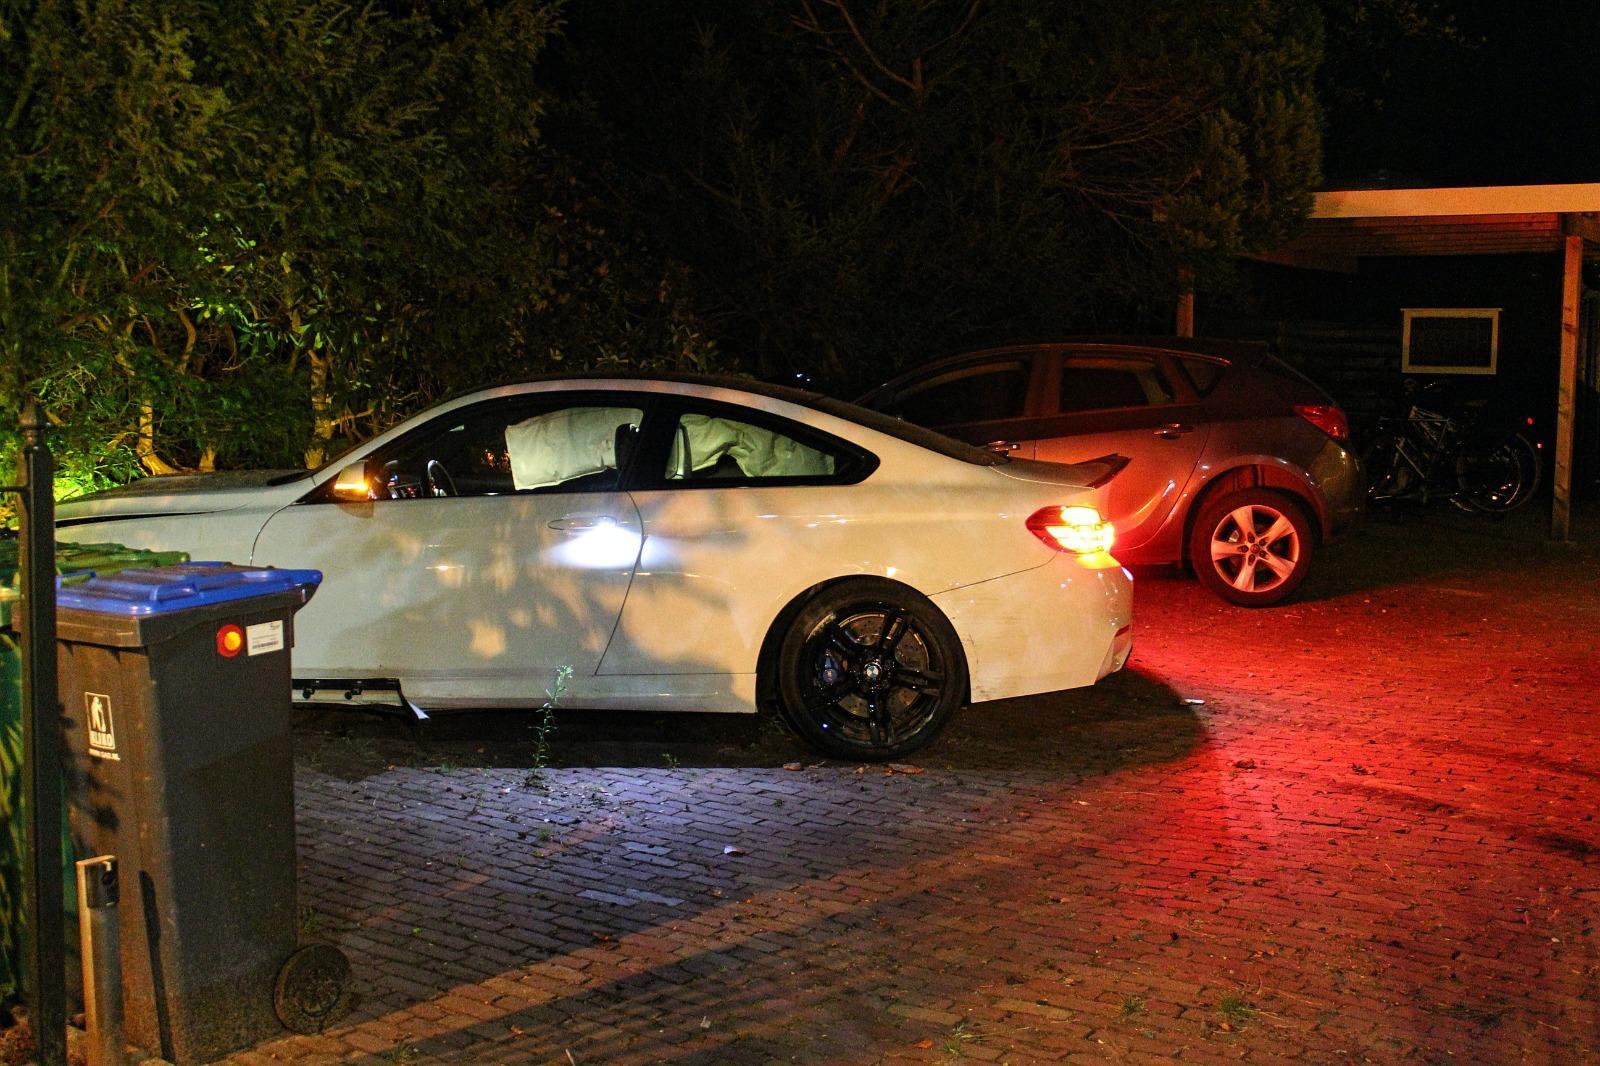 Auto belandt na crash in tuin van woning, bestuurder gaat ervandoor